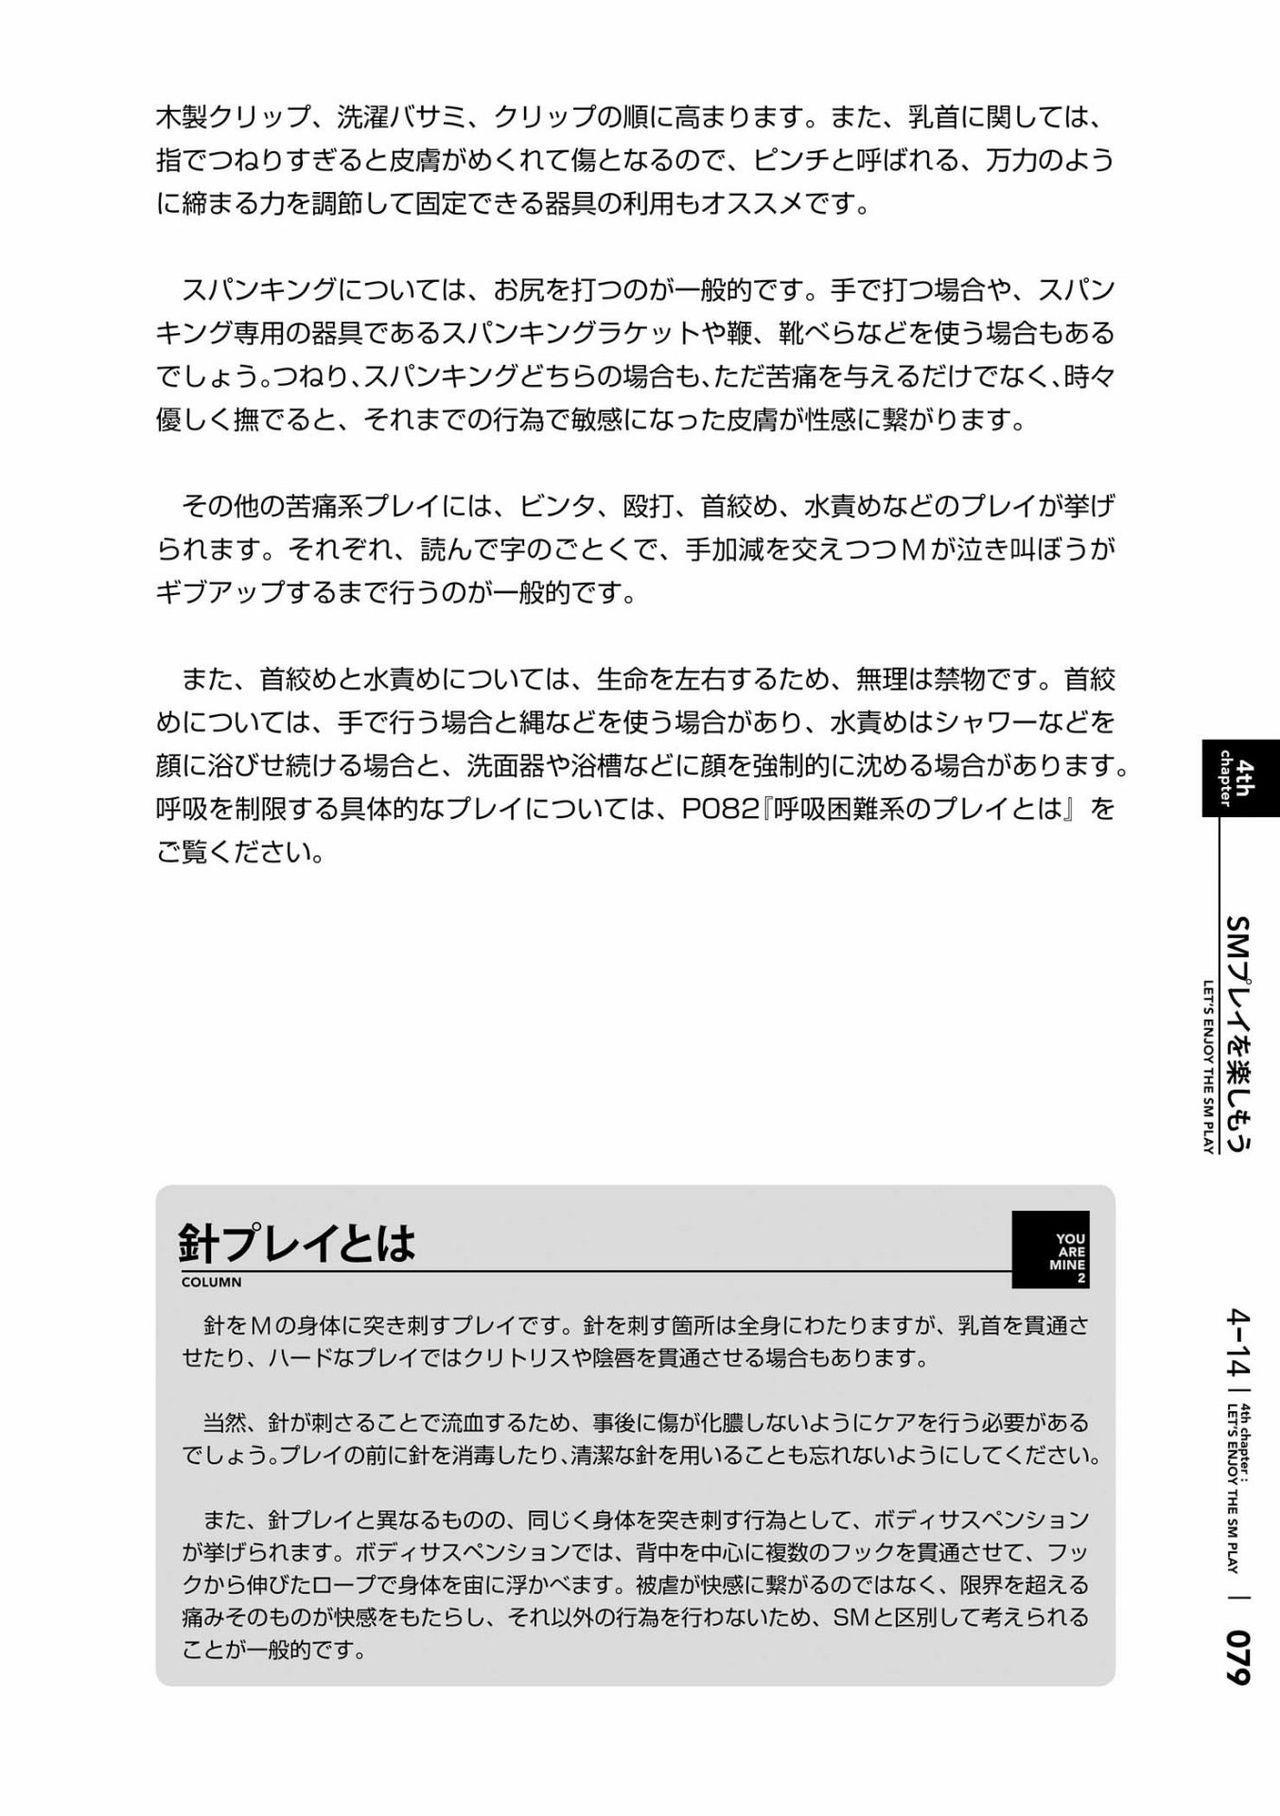 [Mitsuba] Karada mo Kokoro mo Boku no Mono ~Hajimete no SM Guide~ 2 [Digital] 81